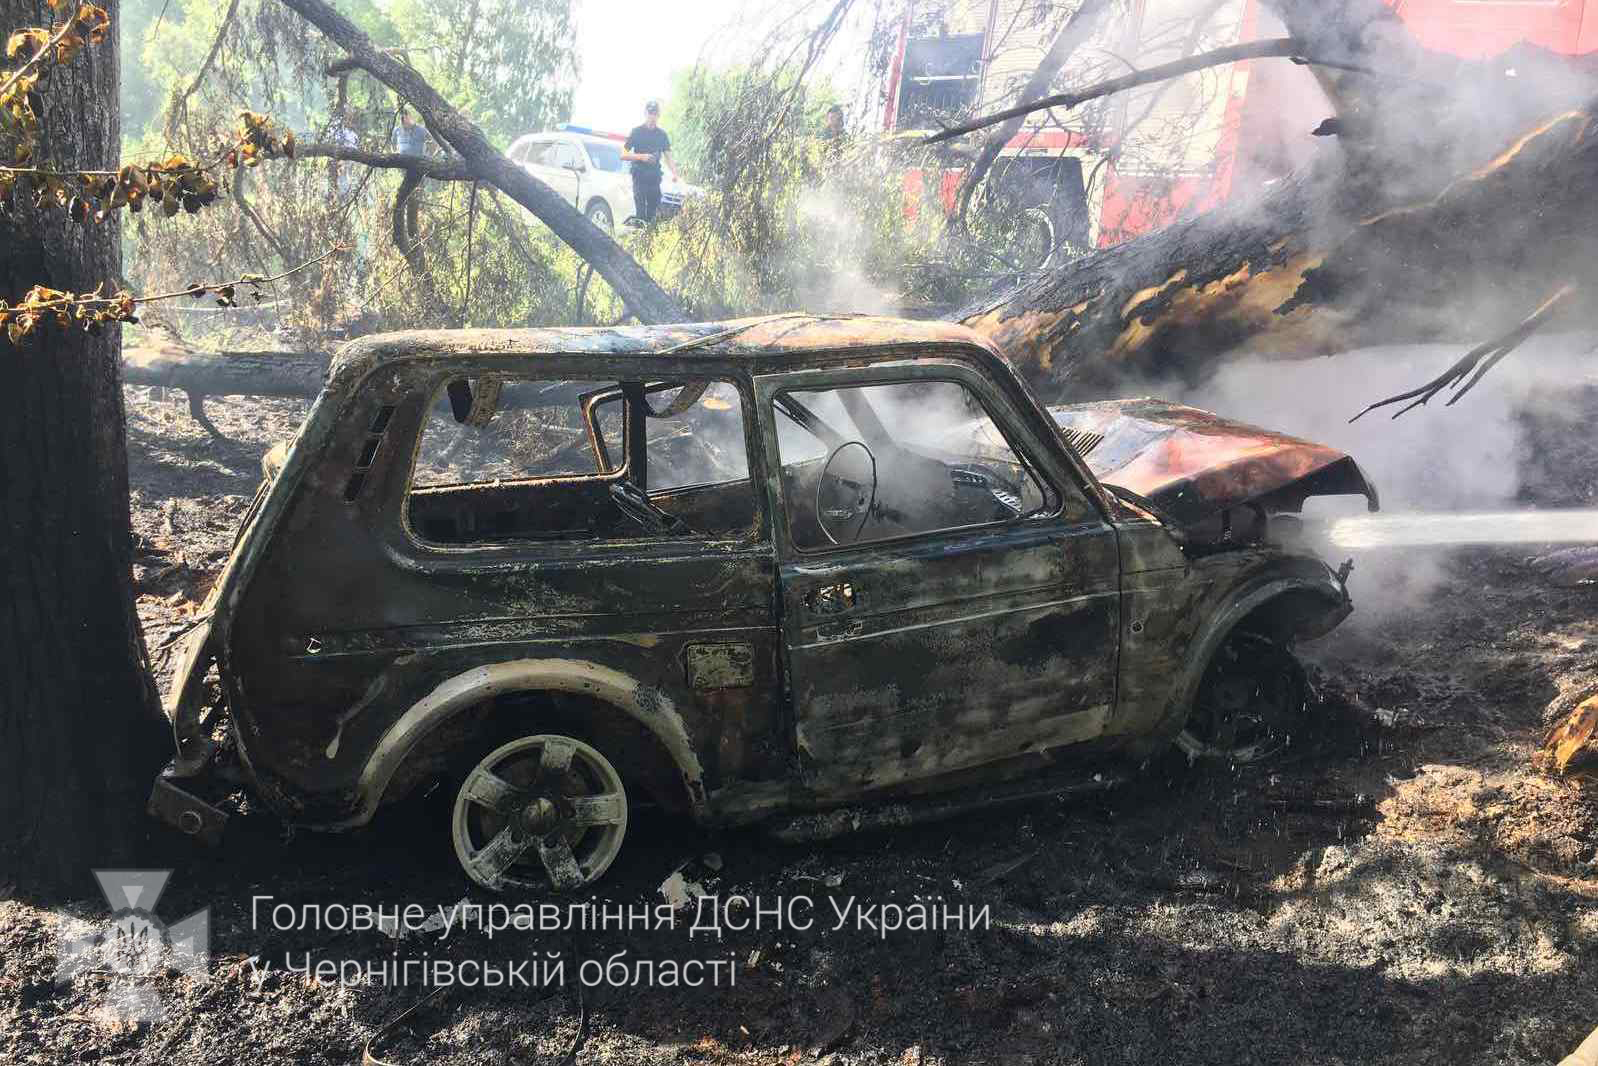 Злетів у кювет та в'їхав у дерево: на Чернігівщині через ДТП загорілась автівка. ФОТО